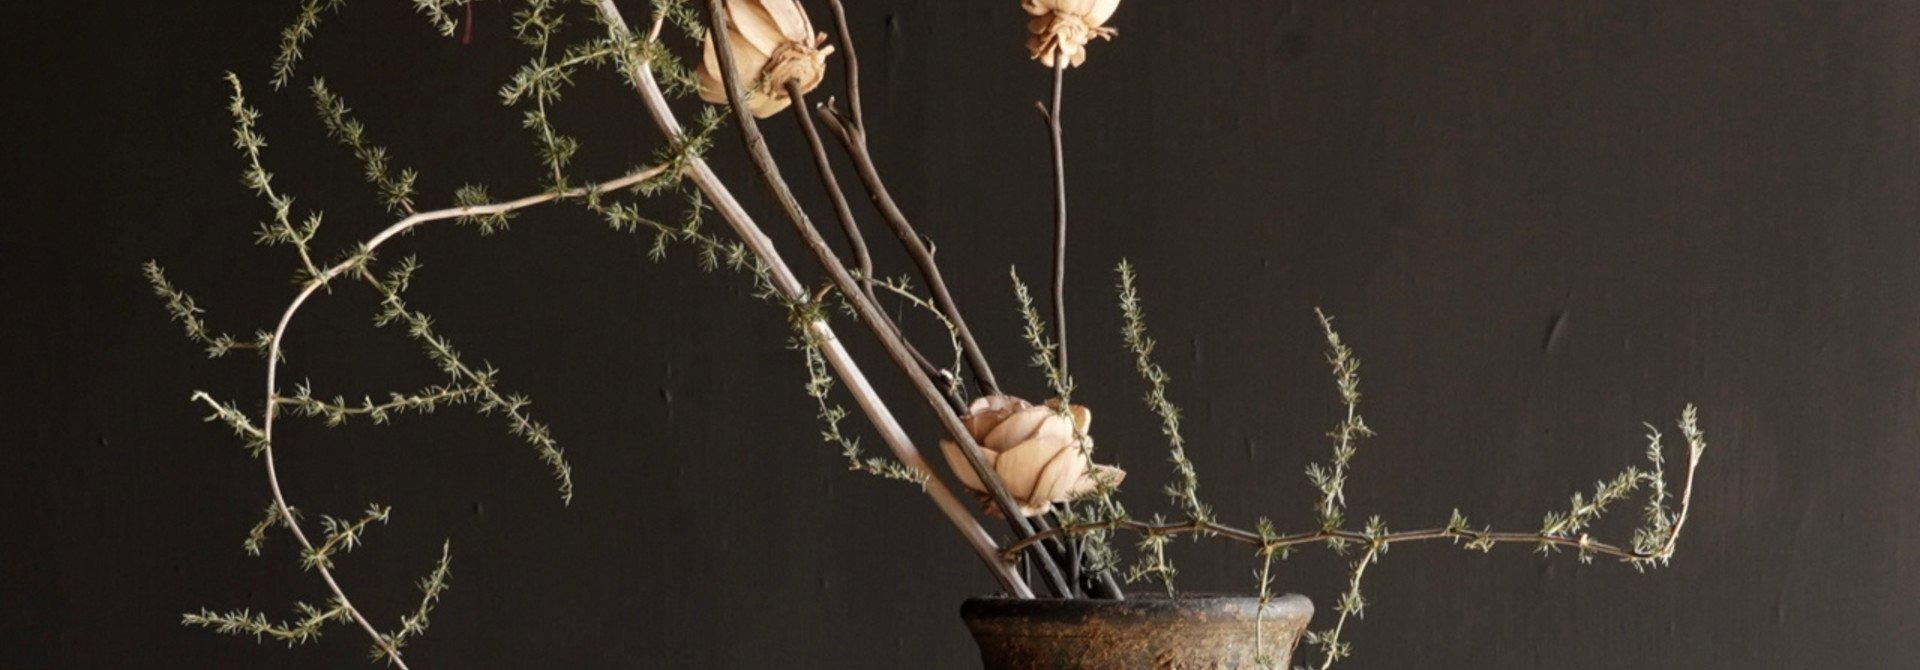 Bosje Foam bloemen op tak